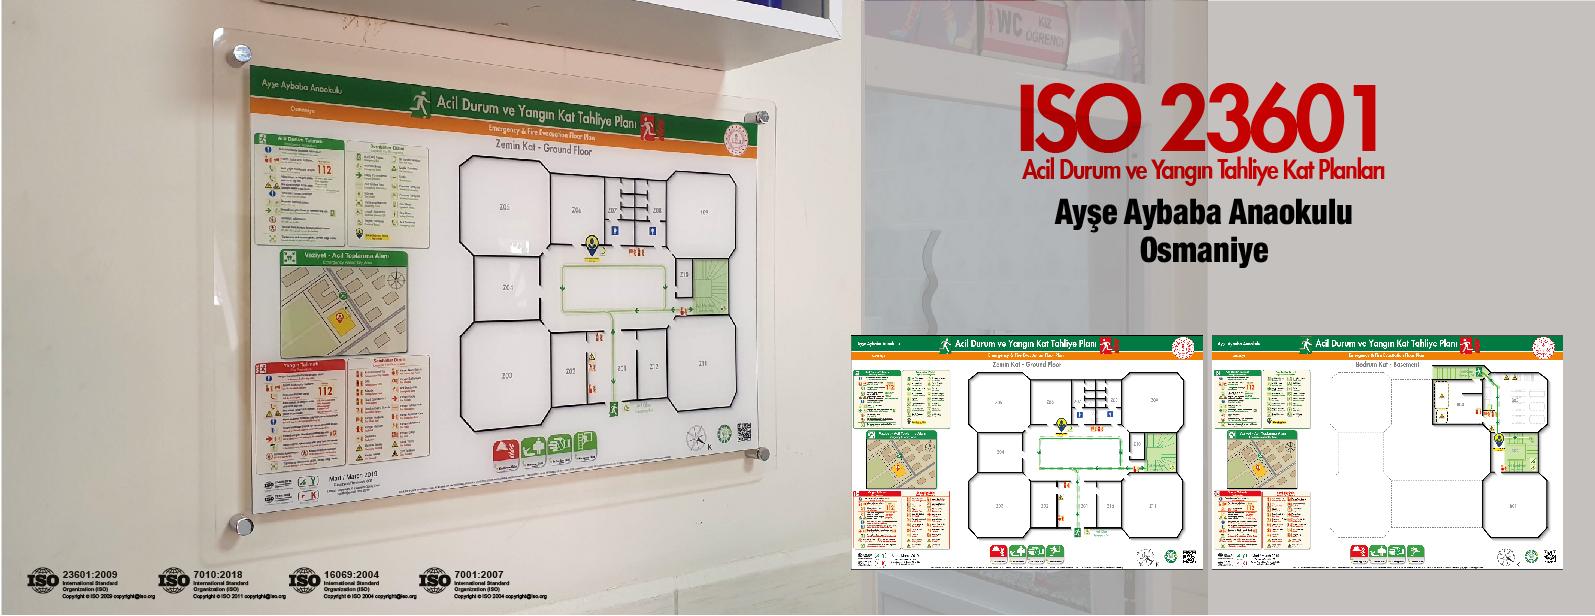 ISO 23601 Acil Durum Ve Yangın Tahliye Kat Planları Osmaniye Ayşe Aybaba Anaokulu